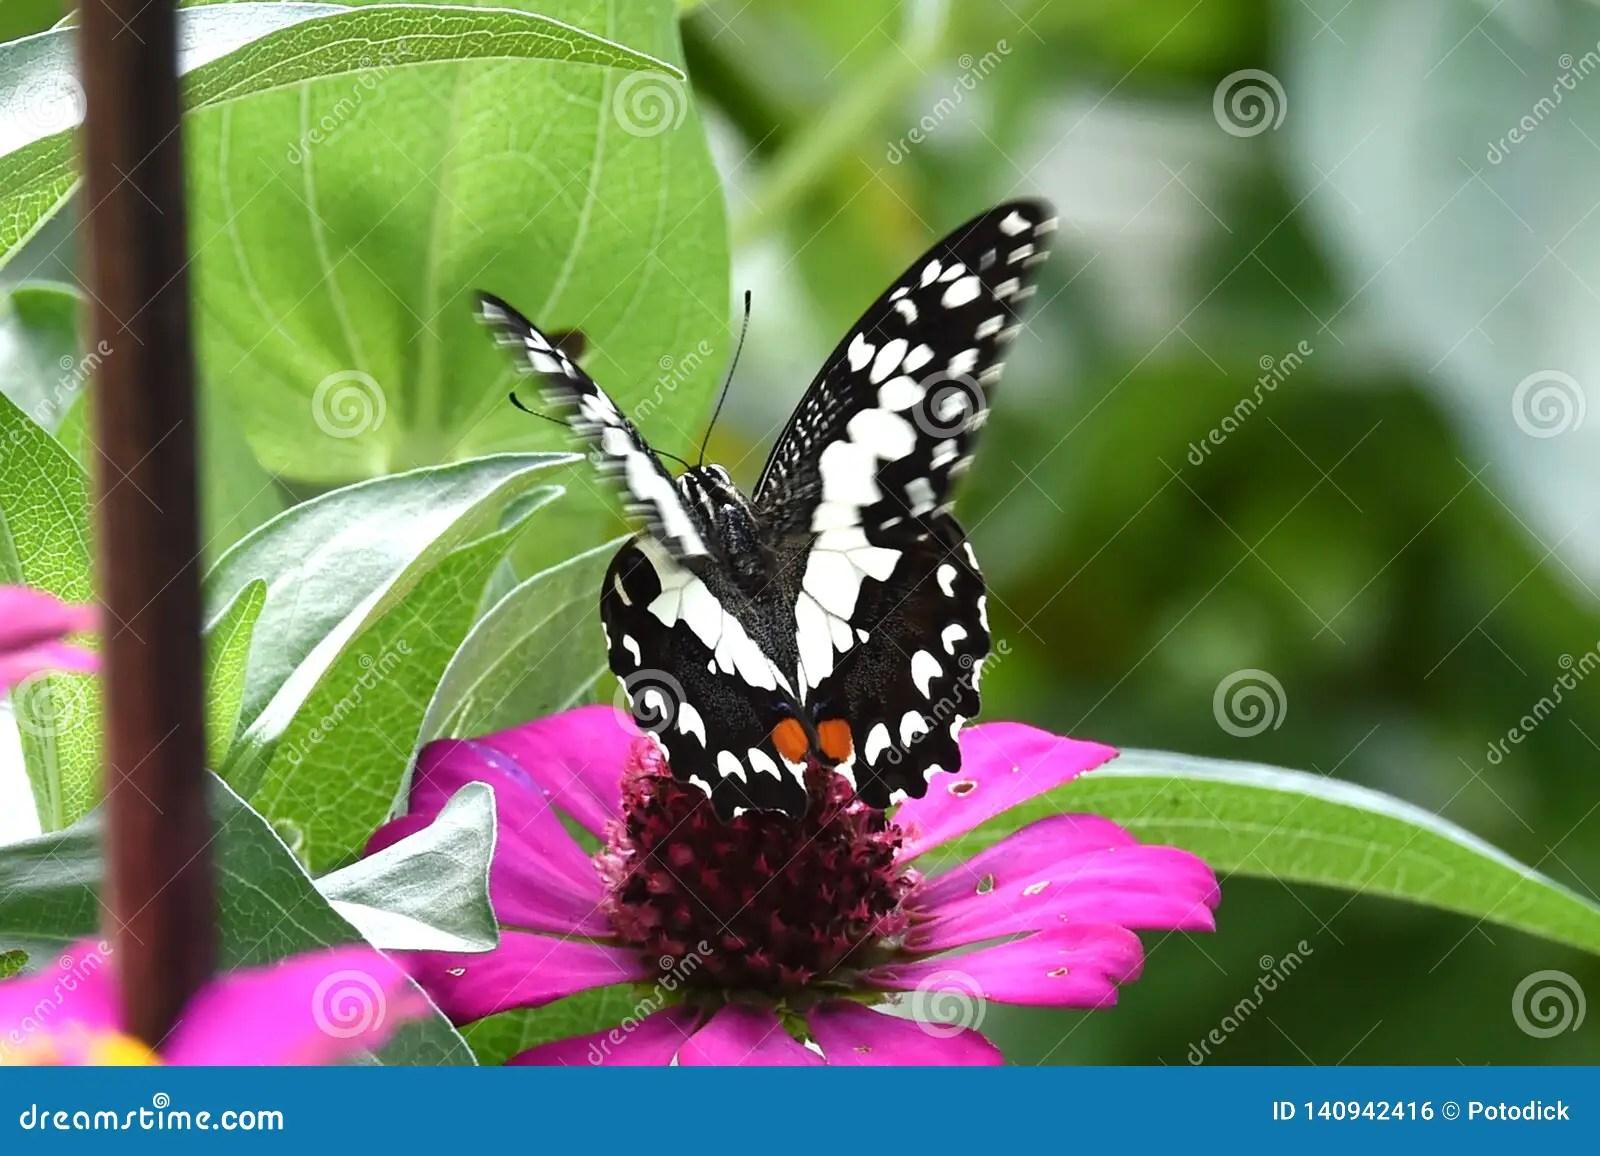 papillon noir et blanc ete perche sur